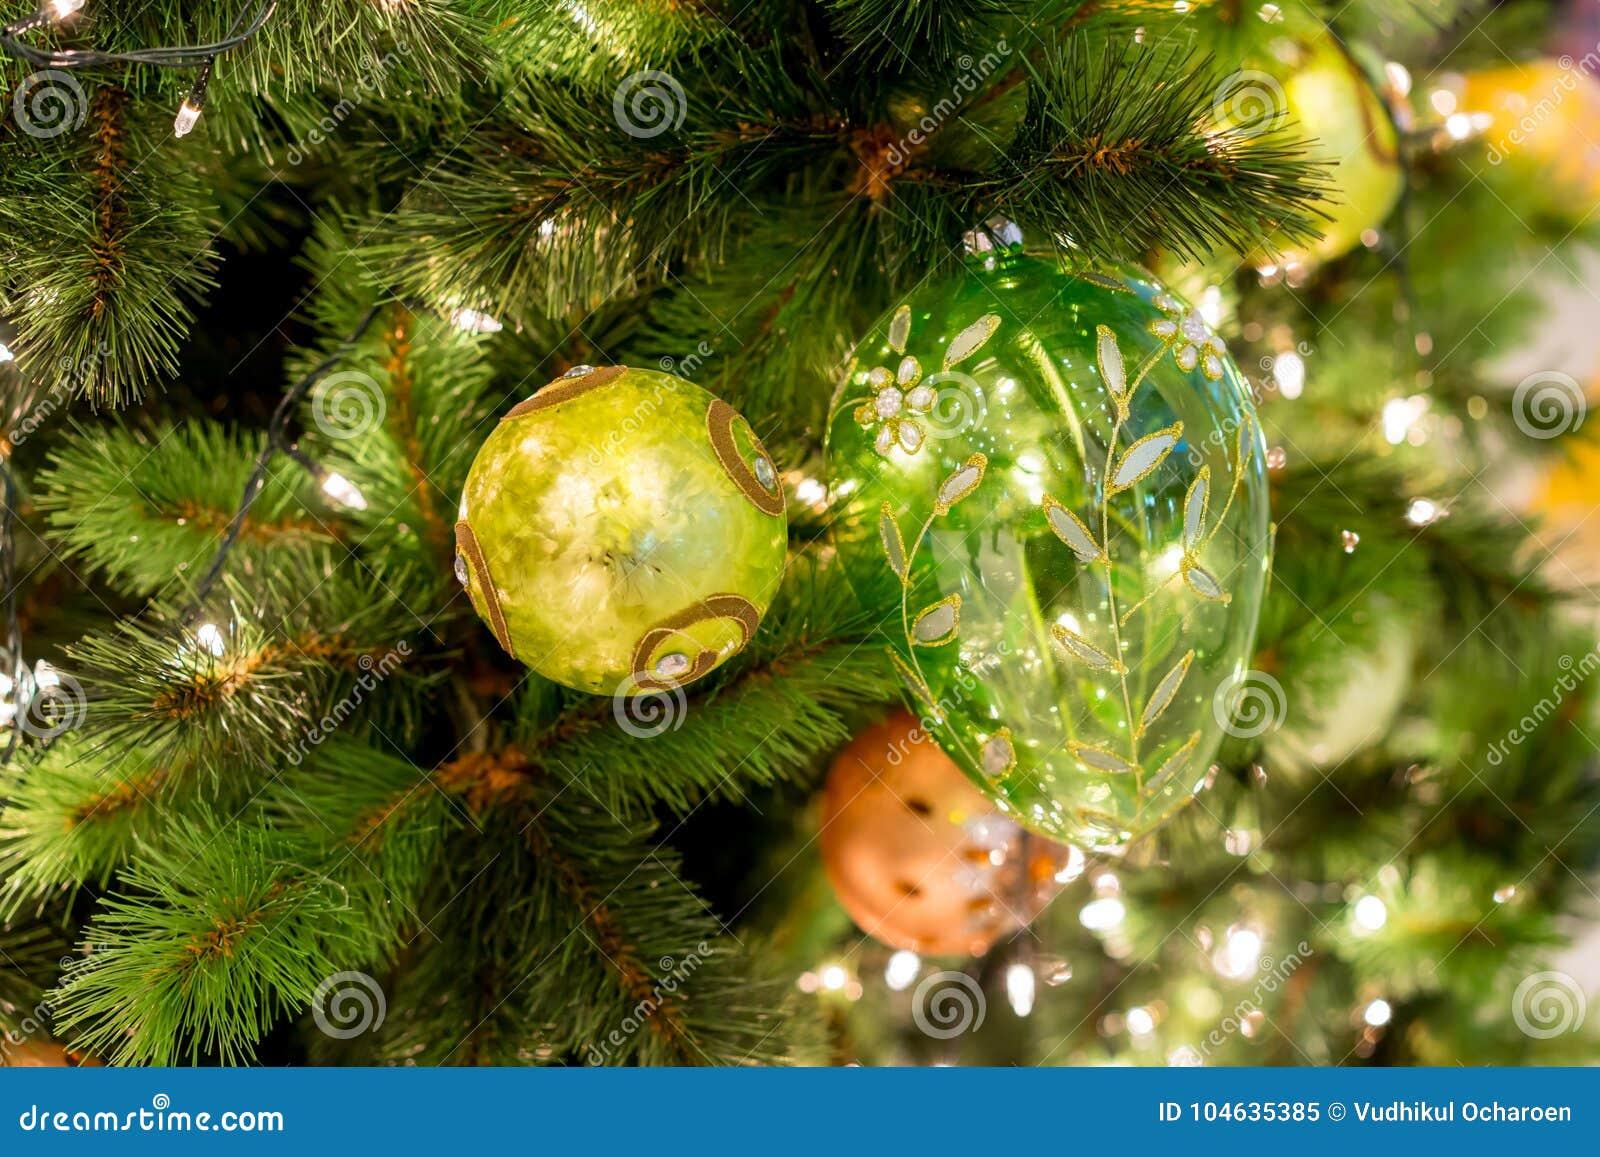 Download Hangende Glanzende Gouden Bal En Zilveren Kerstmiskroon Met Tinse Stock Afbeelding - Afbeelding bestaande uit goud, geïsoleerd: 104635385